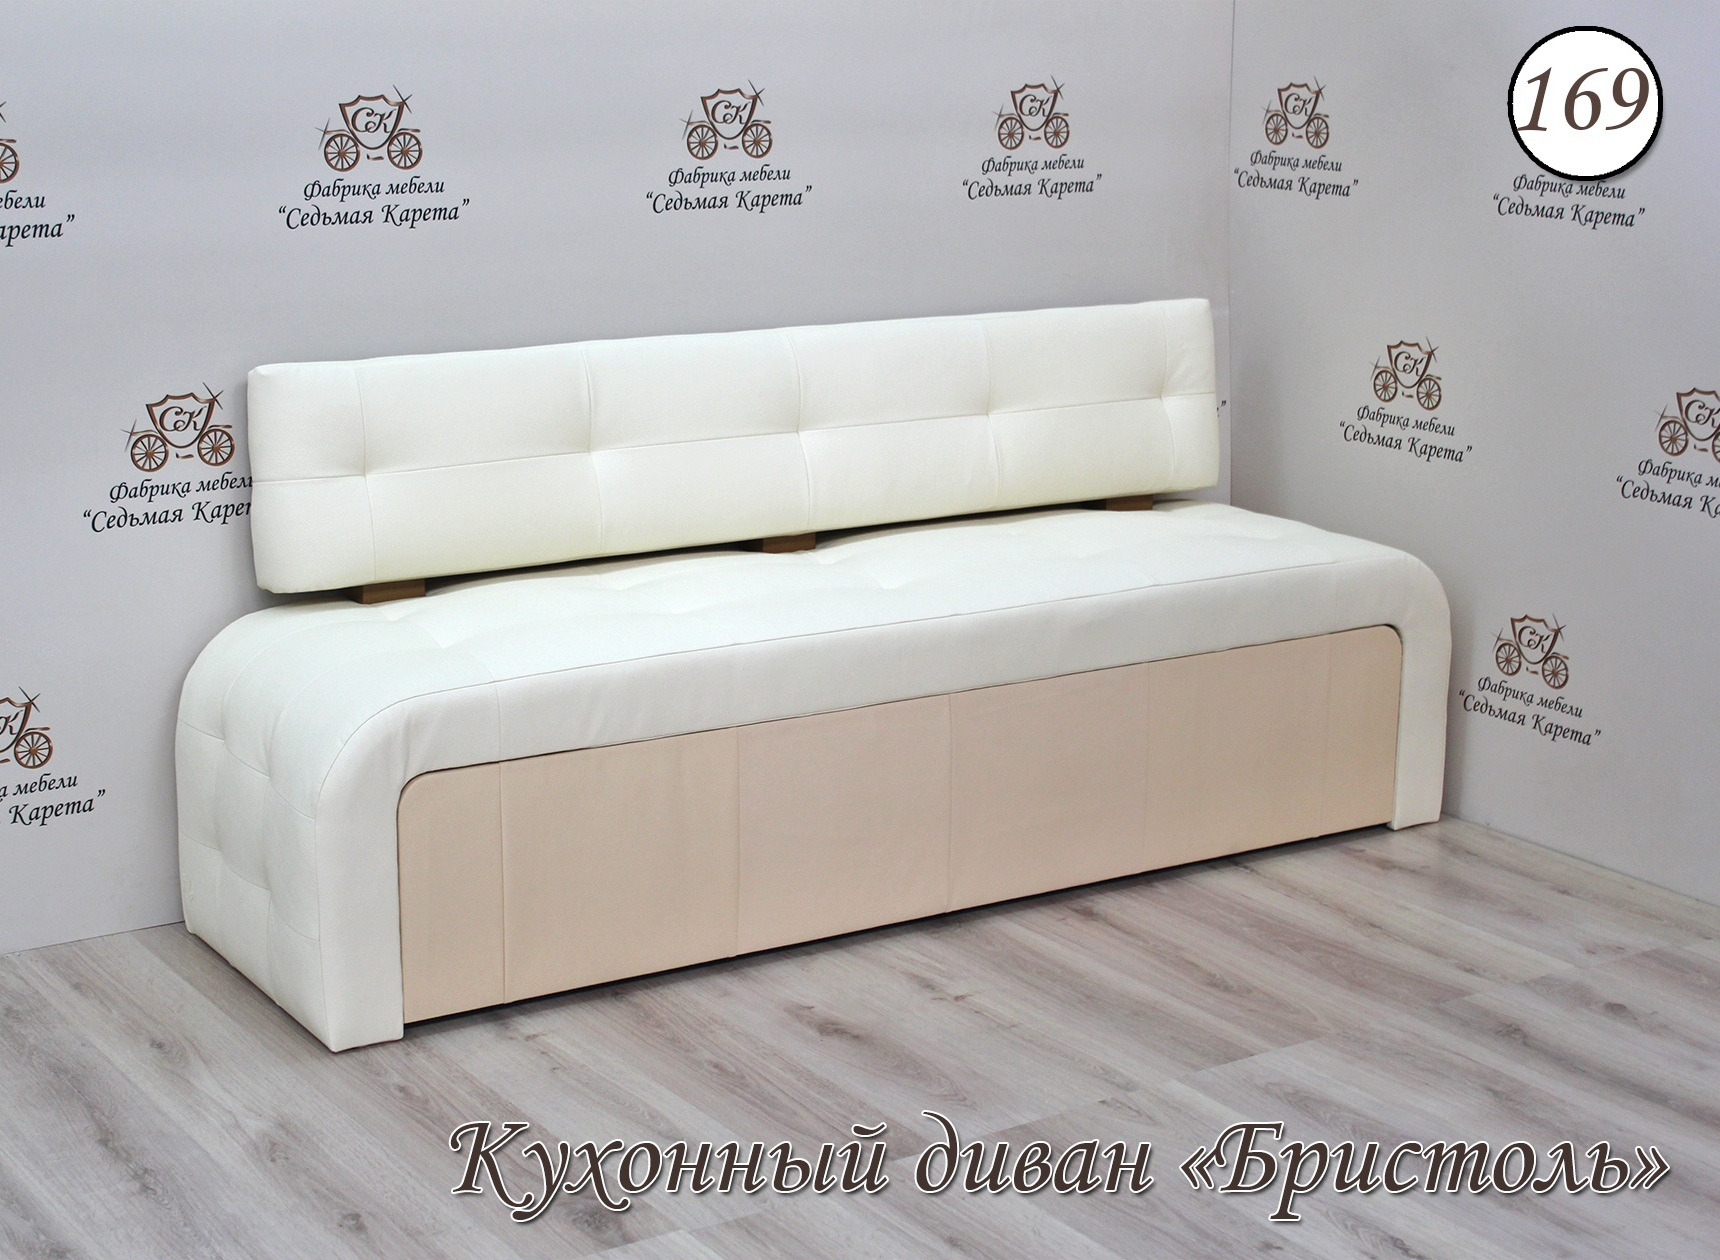 Кухонный диван Бристоль-169